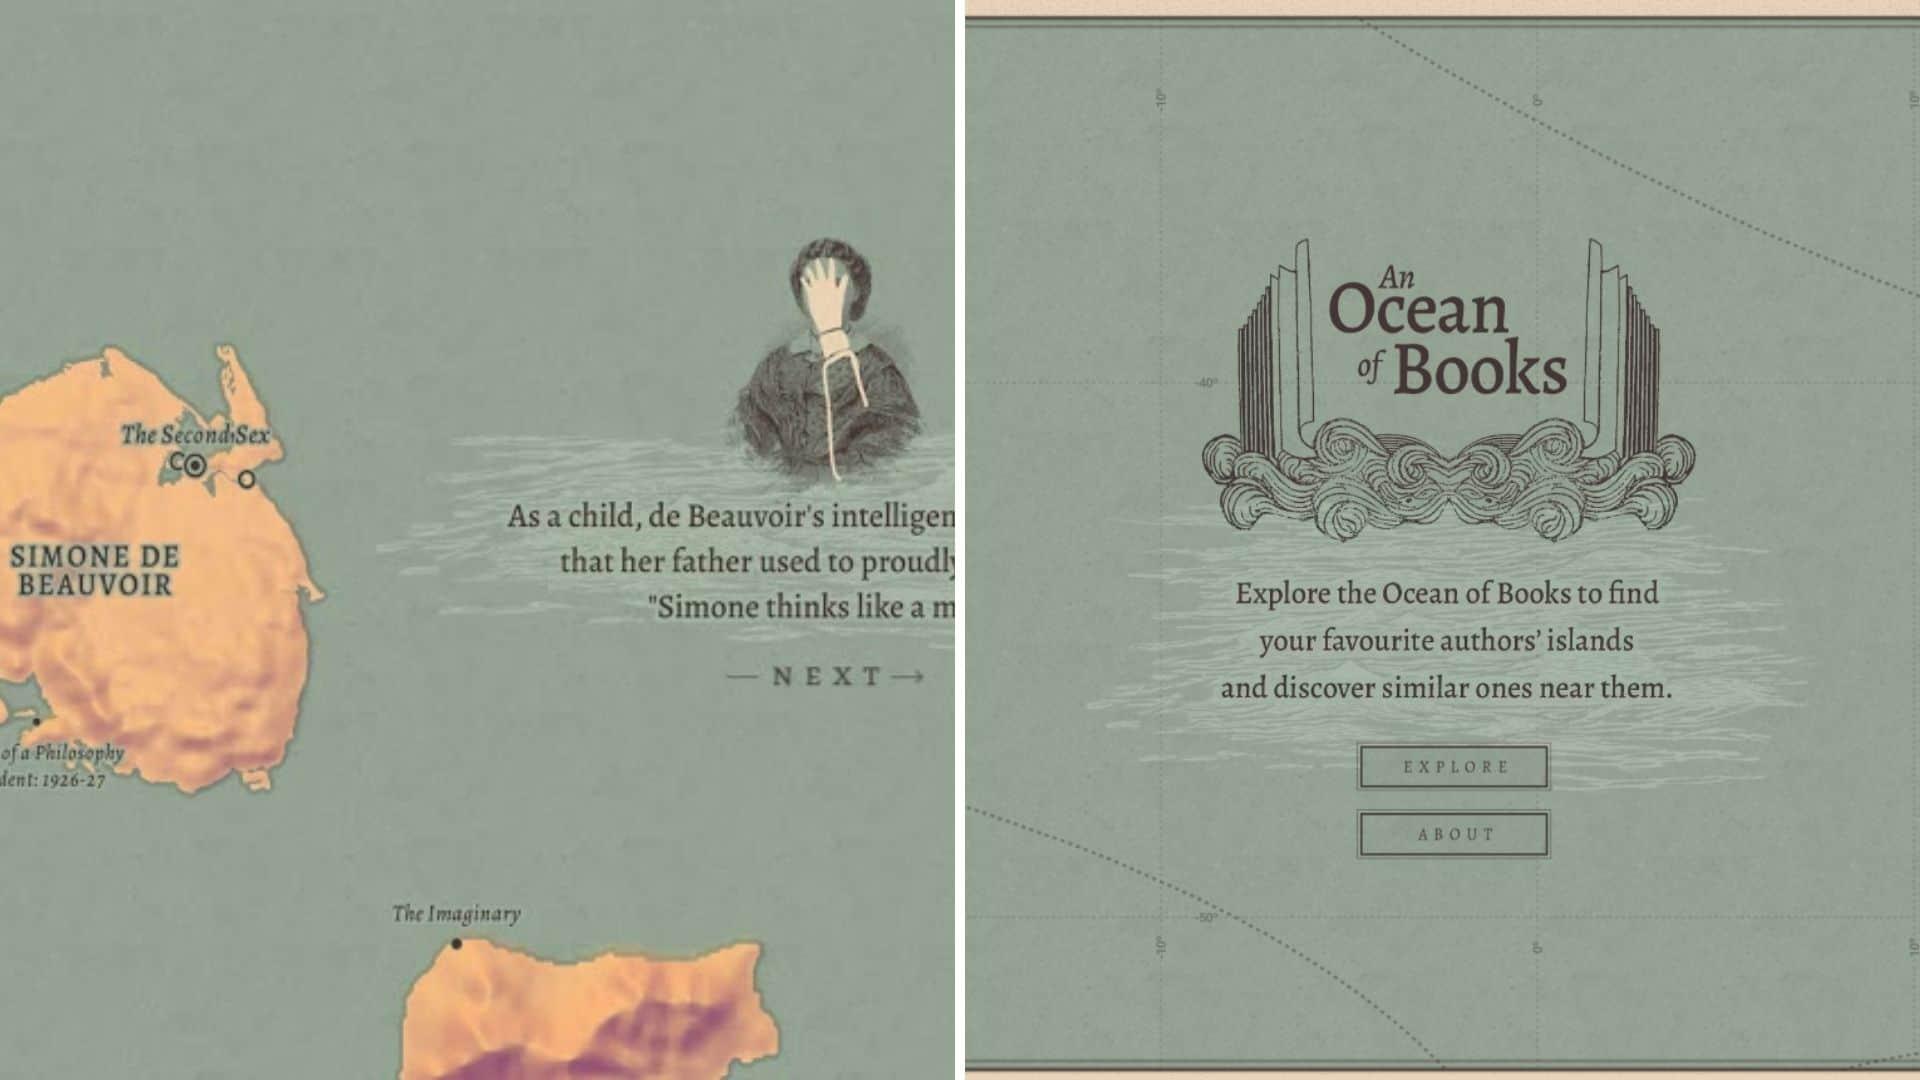 Google creó una experiencia con un mapa ficticio interactivo que permite descubrir libros dentro de un gran océano